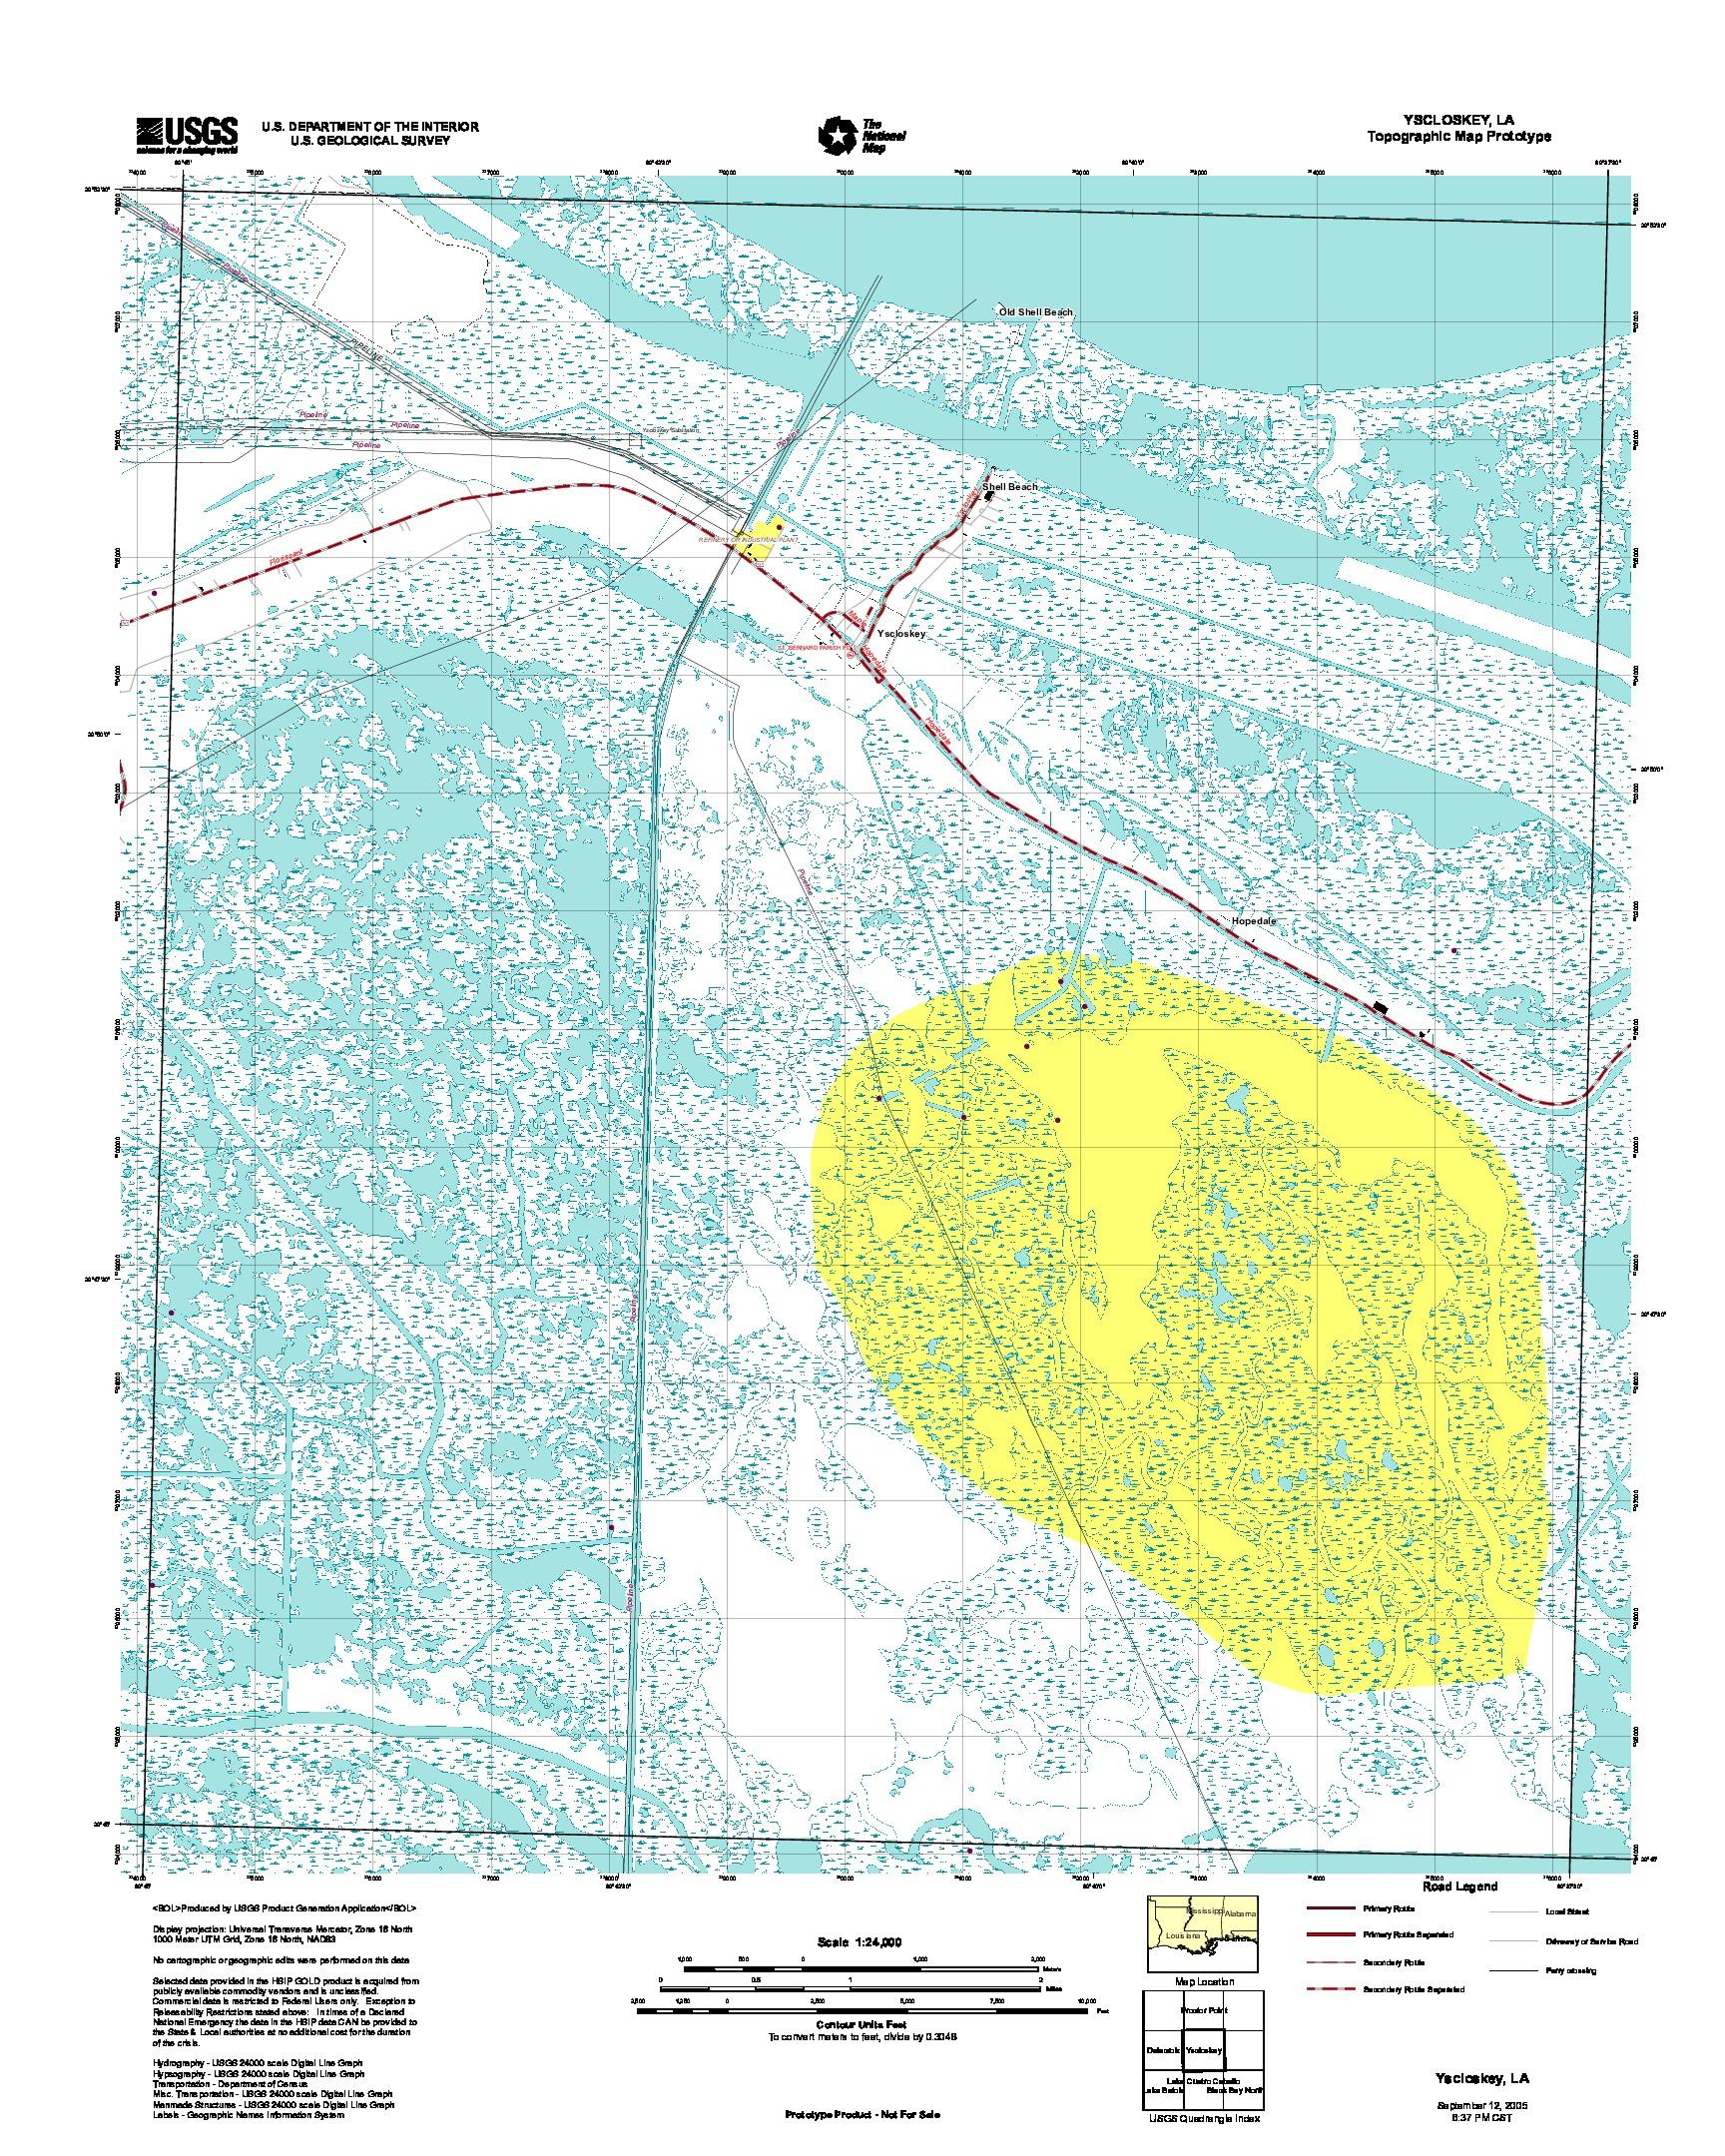 Prototipo de Mapa Topográfico de Yscloskey, Luisiana, Estados Unidos, Septiembre 12, 2005